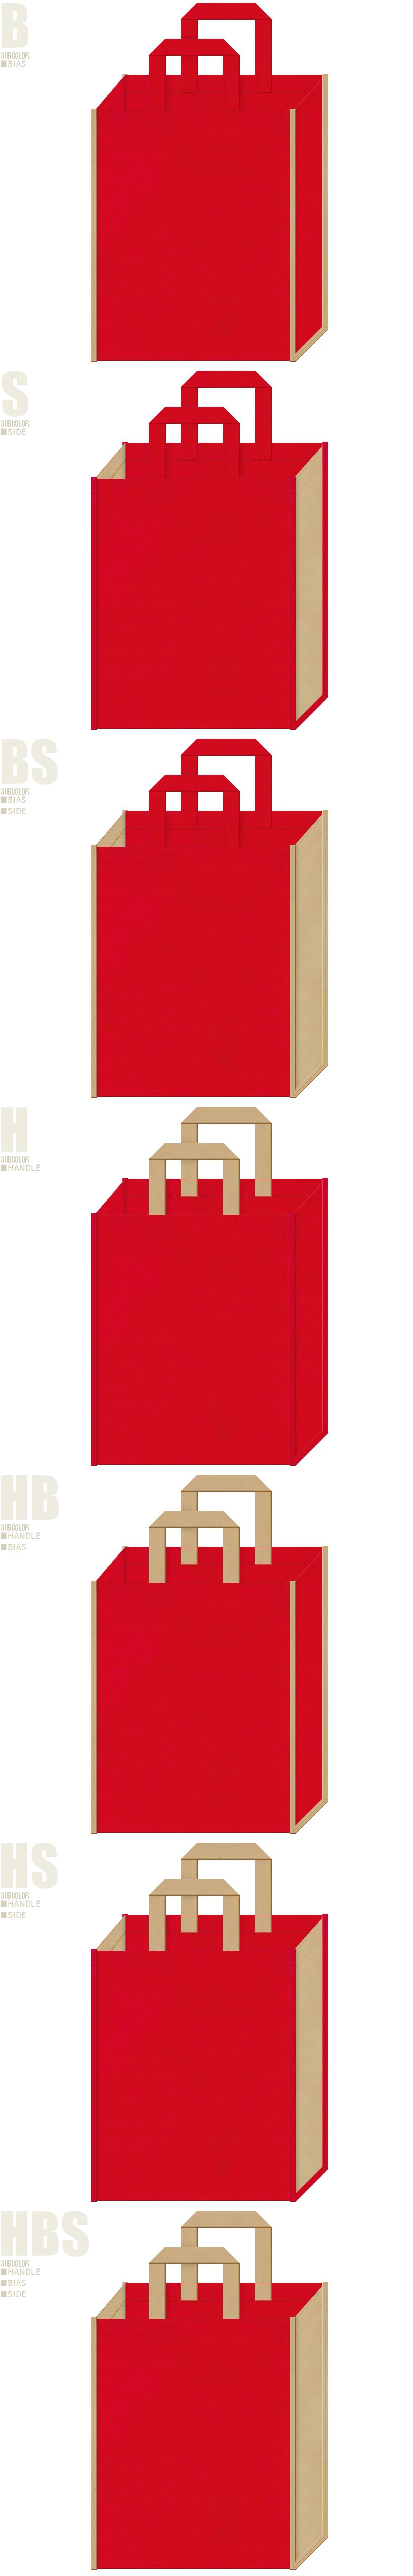 赤鬼・節分・むかし話・和風催事にお奨めの不織布バッグデザイン:紅色とカーキ色の配色7パターン